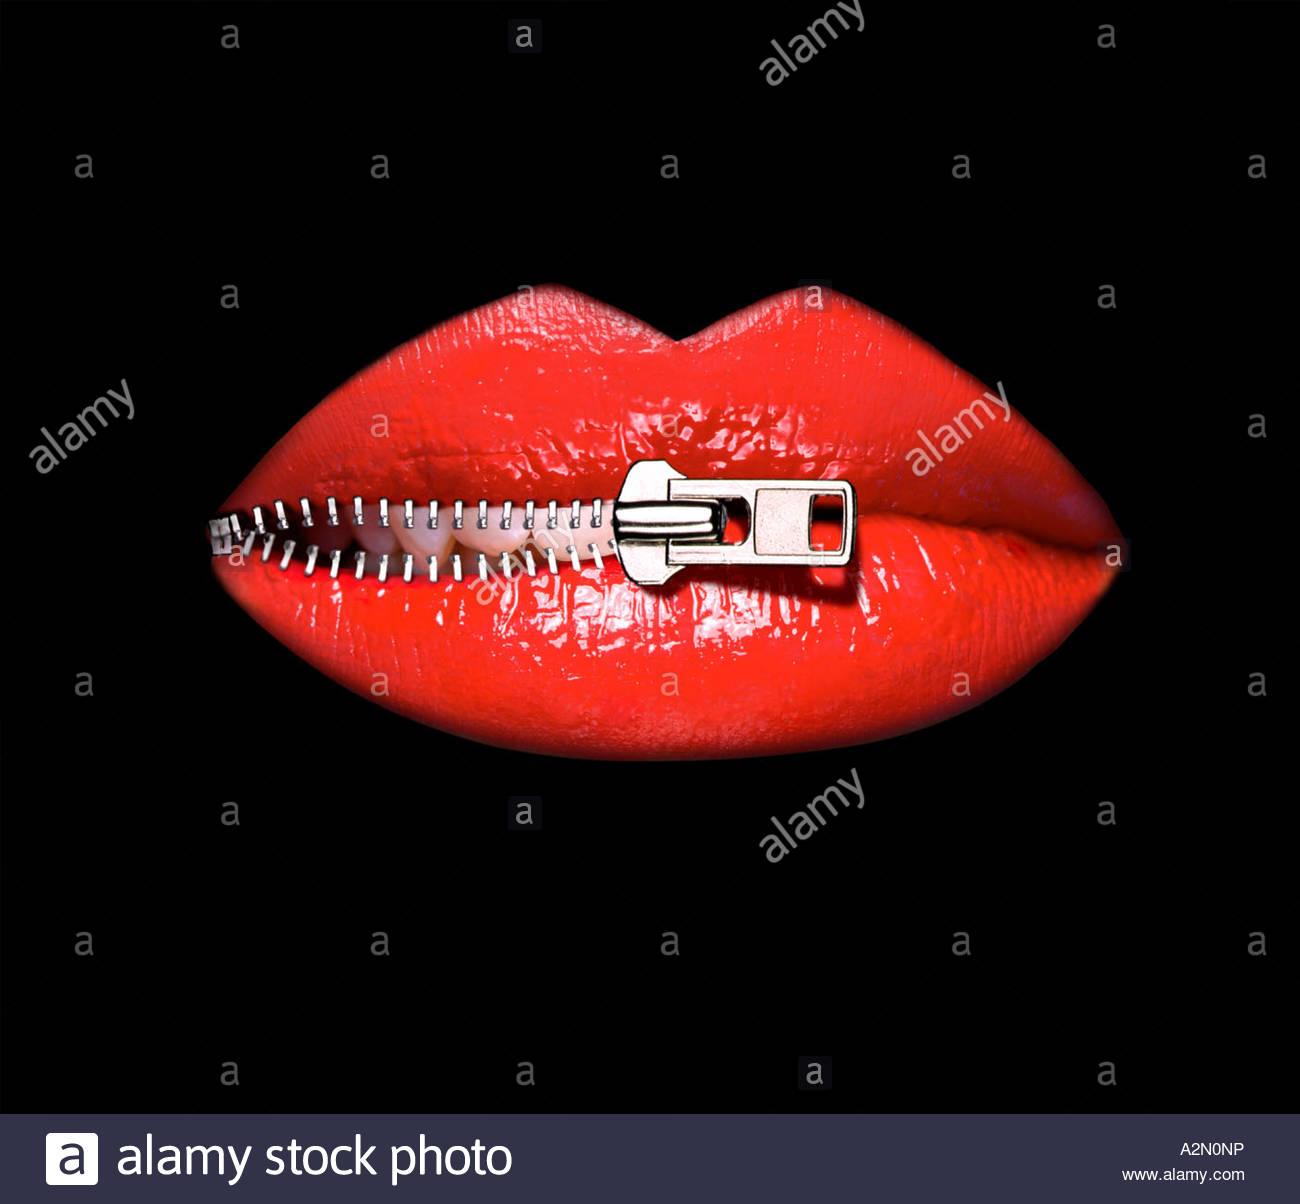 Grafik eines Weibes Lippen wird entpackt. Close-up Ausschnitt auf schwarzem Hintergrund Stockfoto